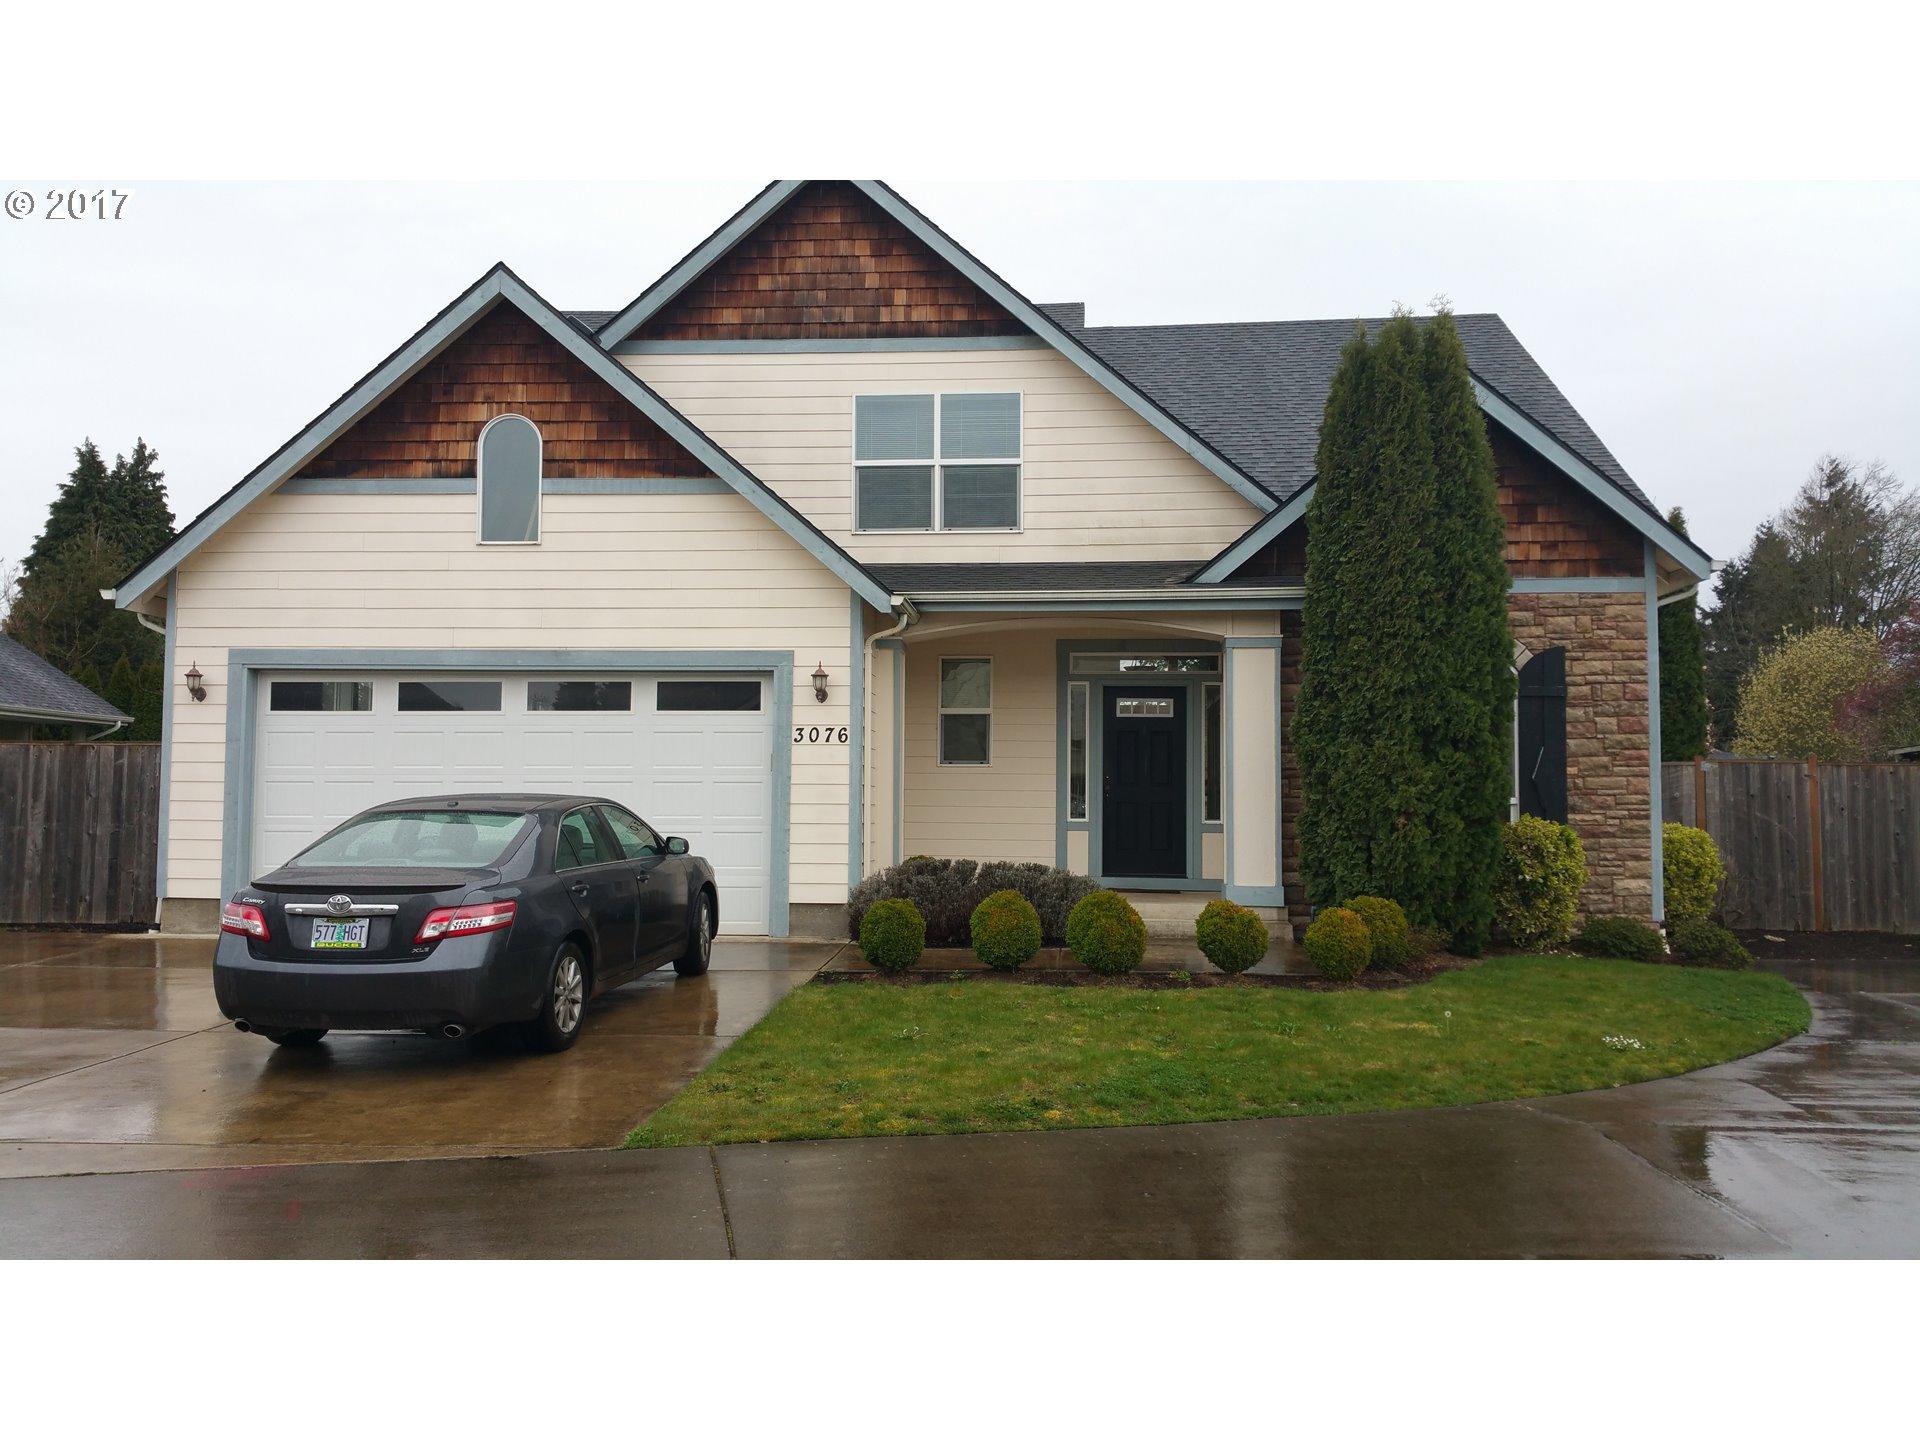 3076 WILLAKENZIE RD, Eugene, OR 97401